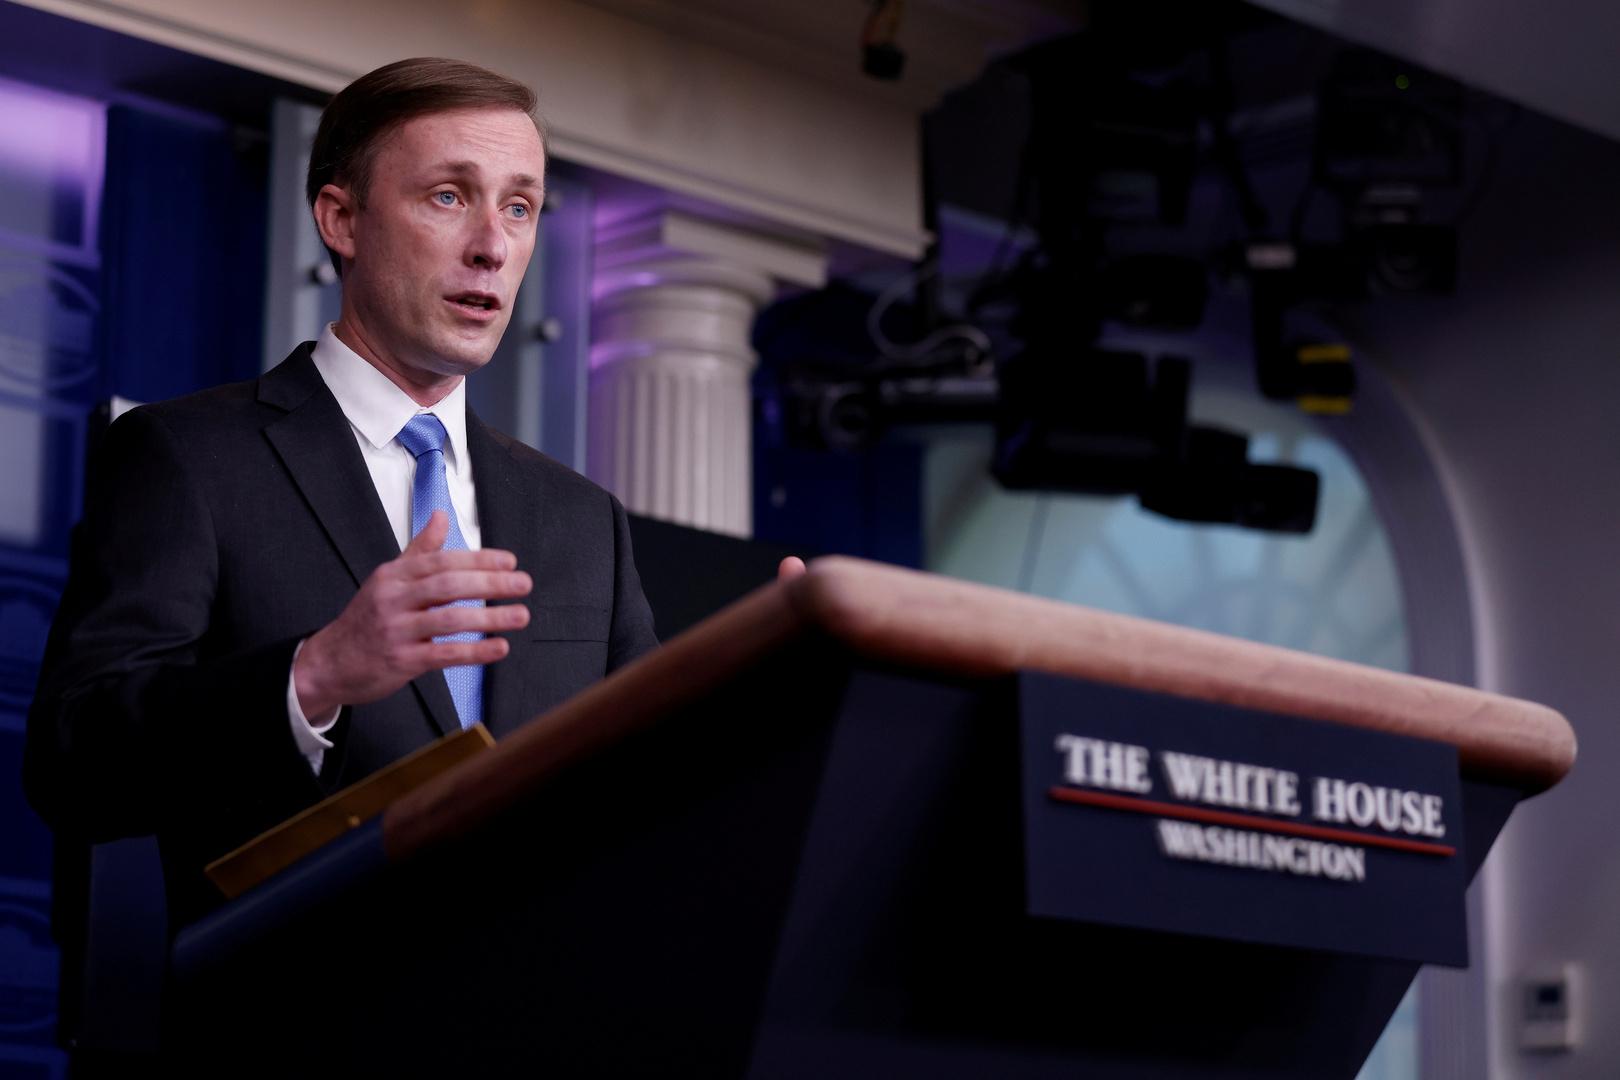 البيت الأبيض: بايدن تحدى بوتين بشأن العديد من القضايا ومنها الممرات في سوريا